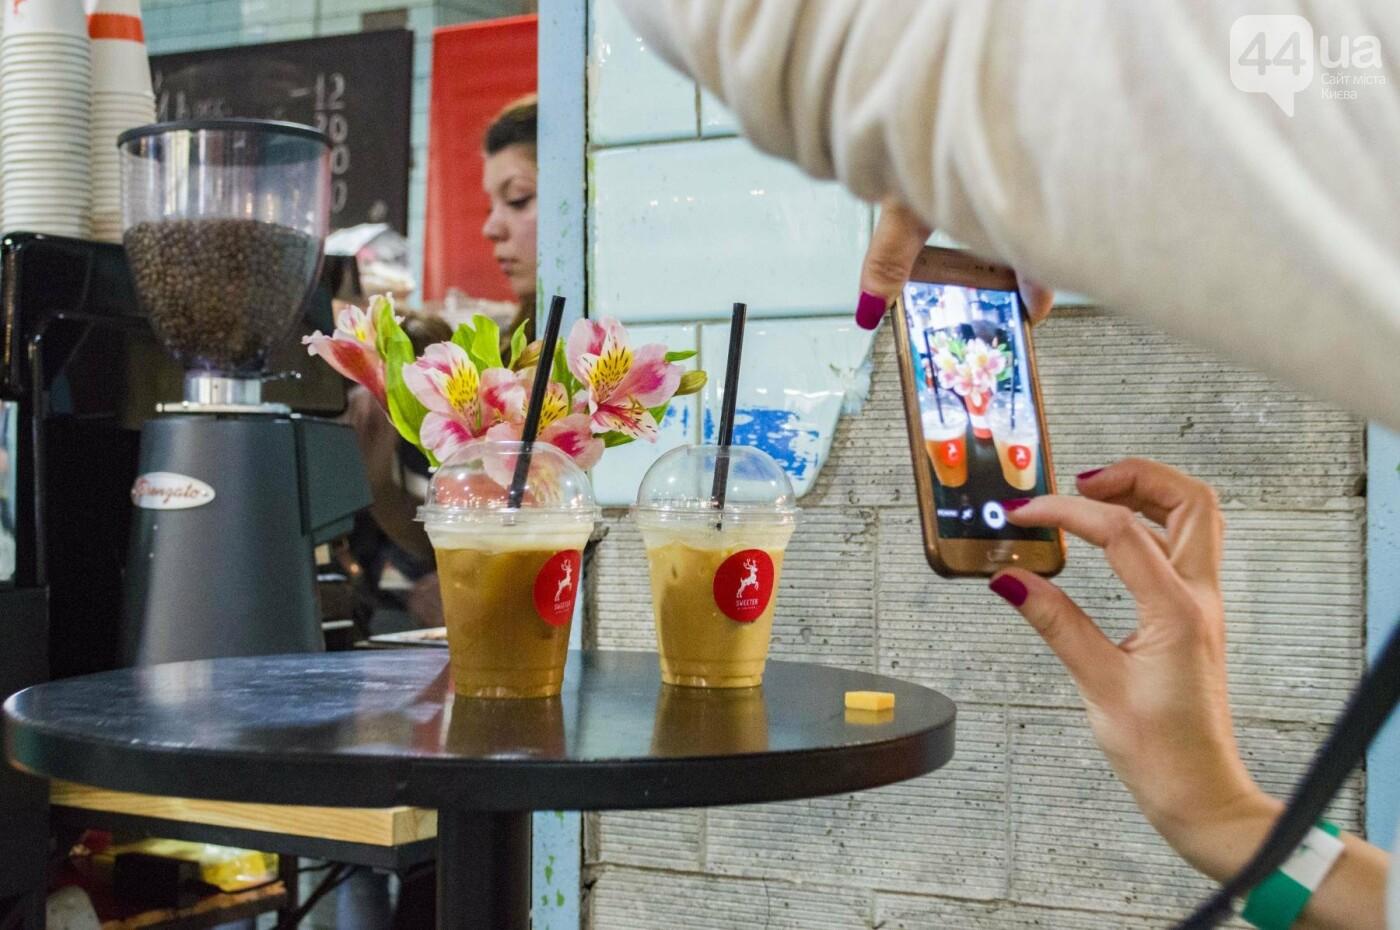 В Киеве прошел самый масштабный кофейный фестиваль страны, фото-13